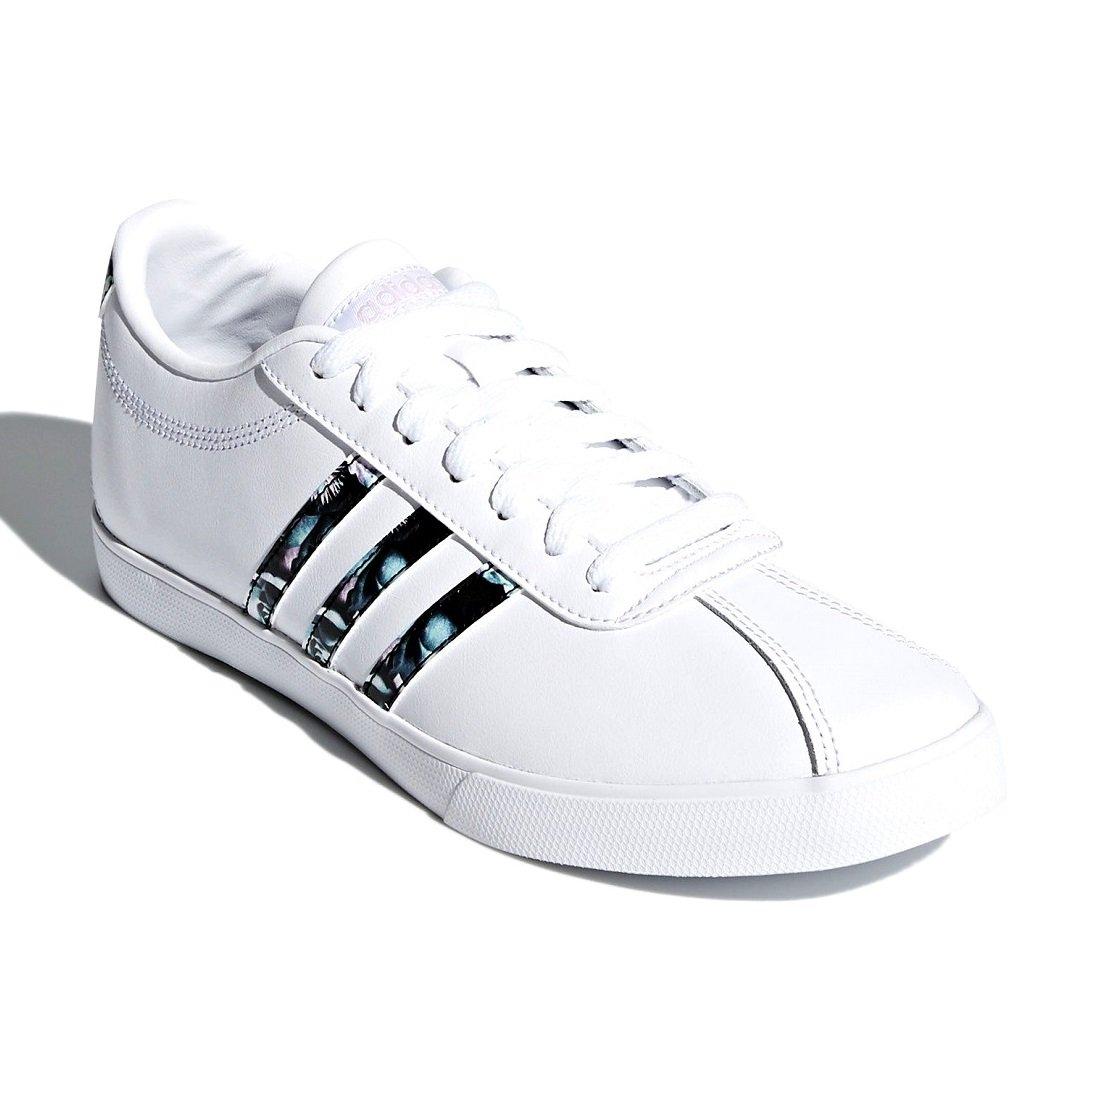 37e1782ef Tênis Feminino Adidas Courtset W DB1373 - Branco - Botas Online ...